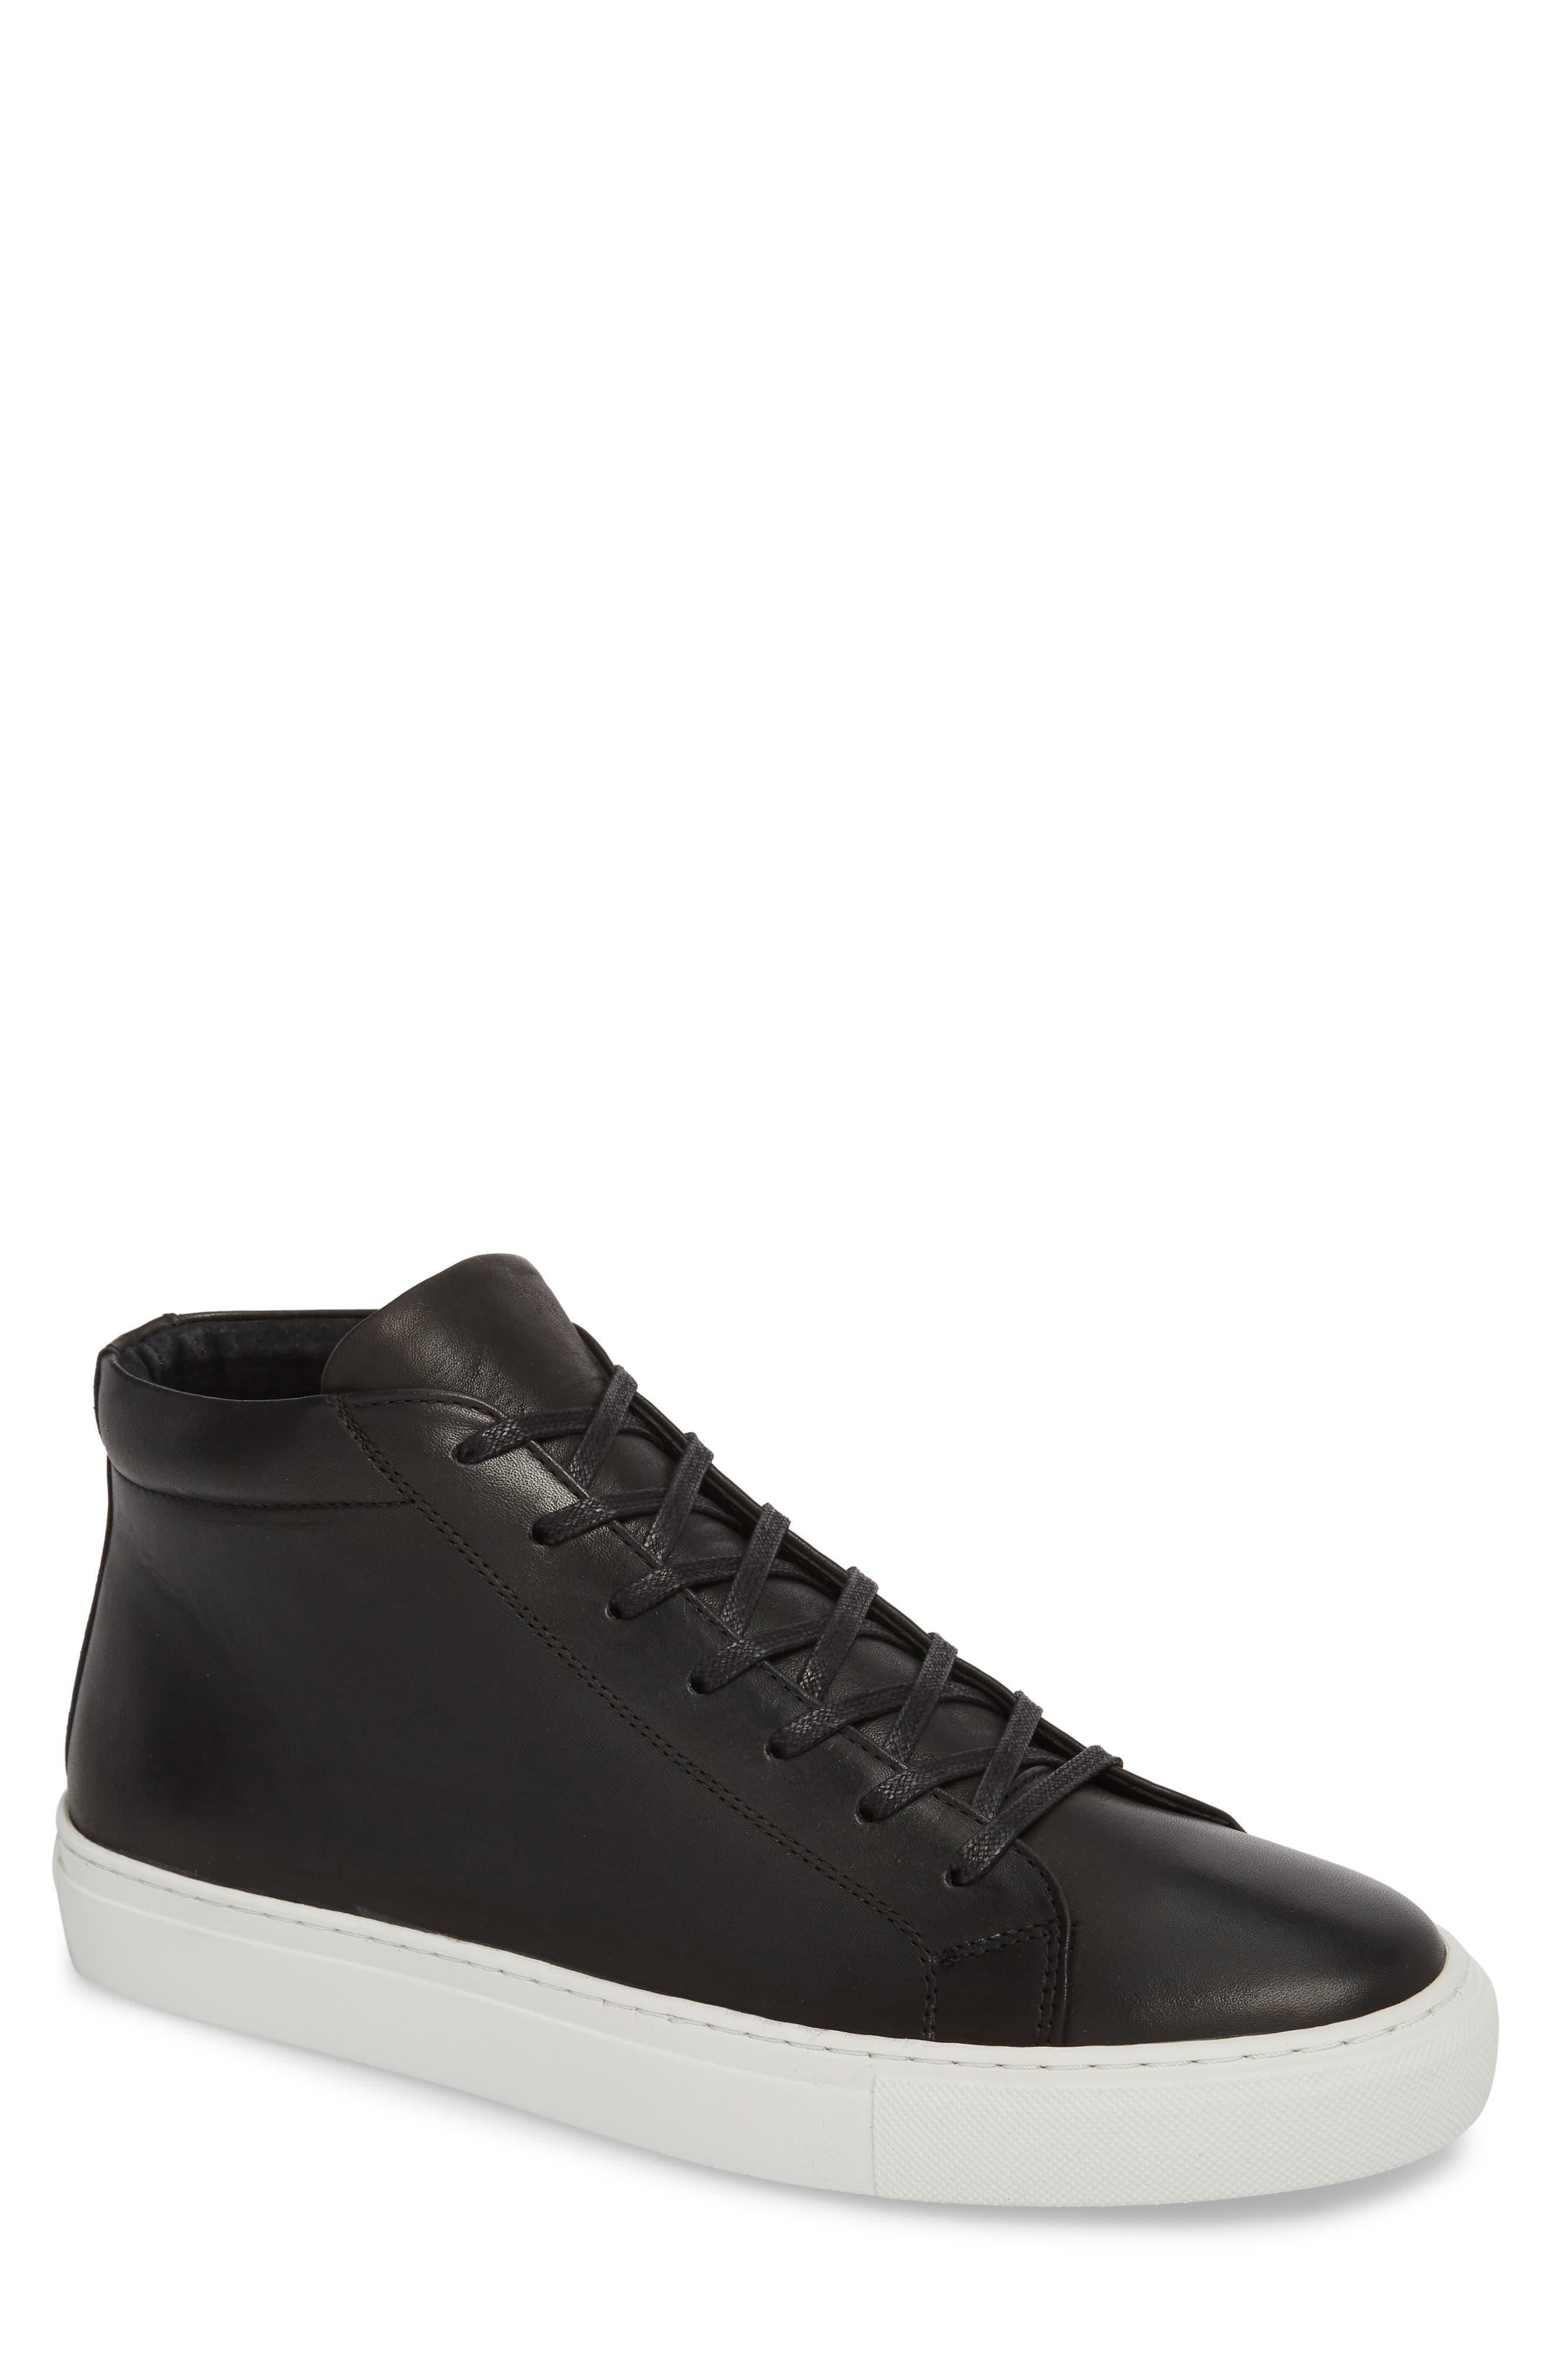 Deacon Mid Sneaker, Main, color, 001